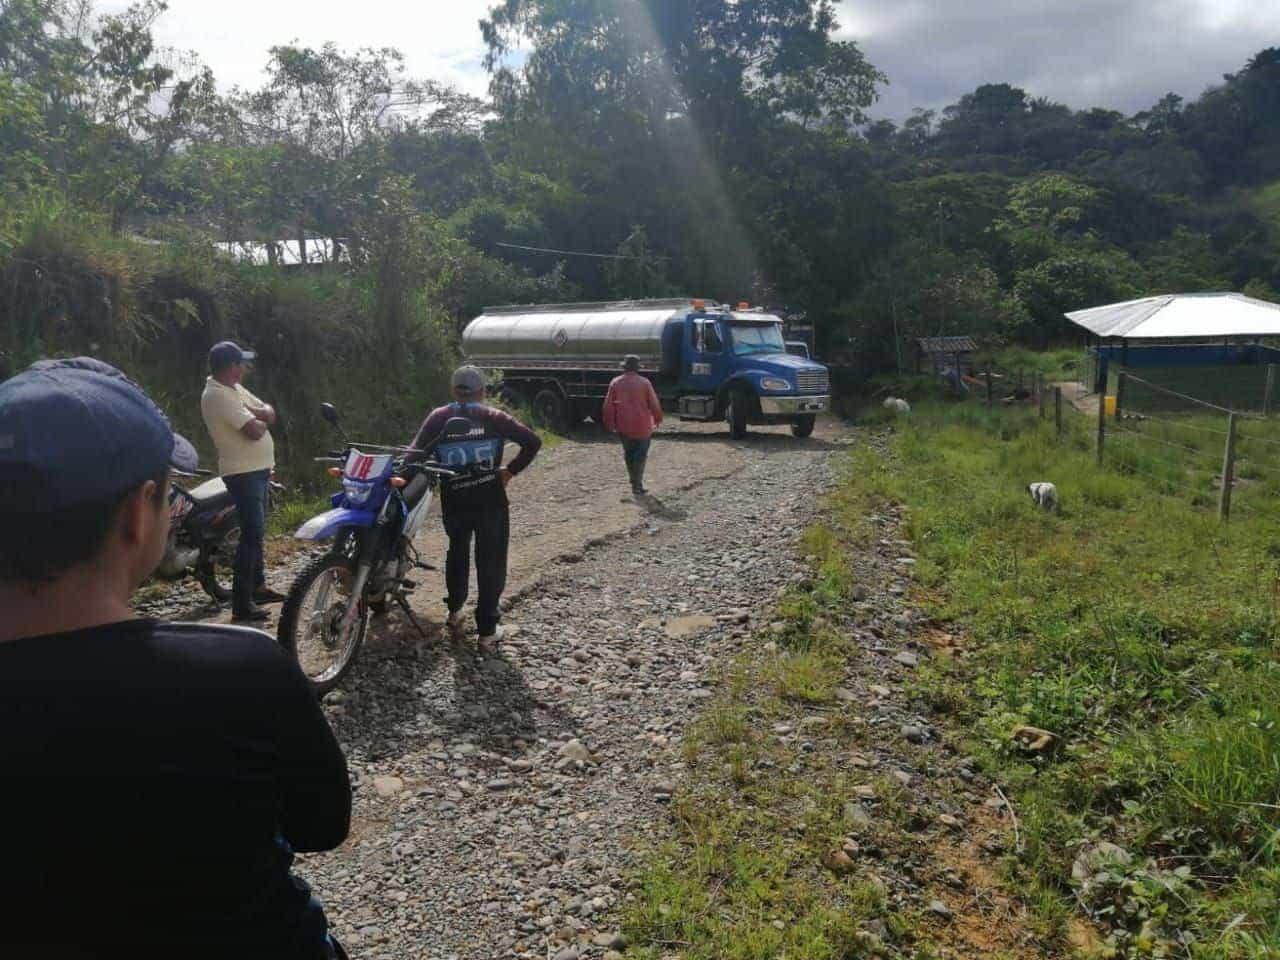 La vía entre Puente La Mesa-Horizontes Guamal, centro poblado en el que opera la empresa petrolera Nikoil Energy, en el municipio de San Luis de Gaceno, fue bloqueada para exigir el arreglo. Foto: archivo particular